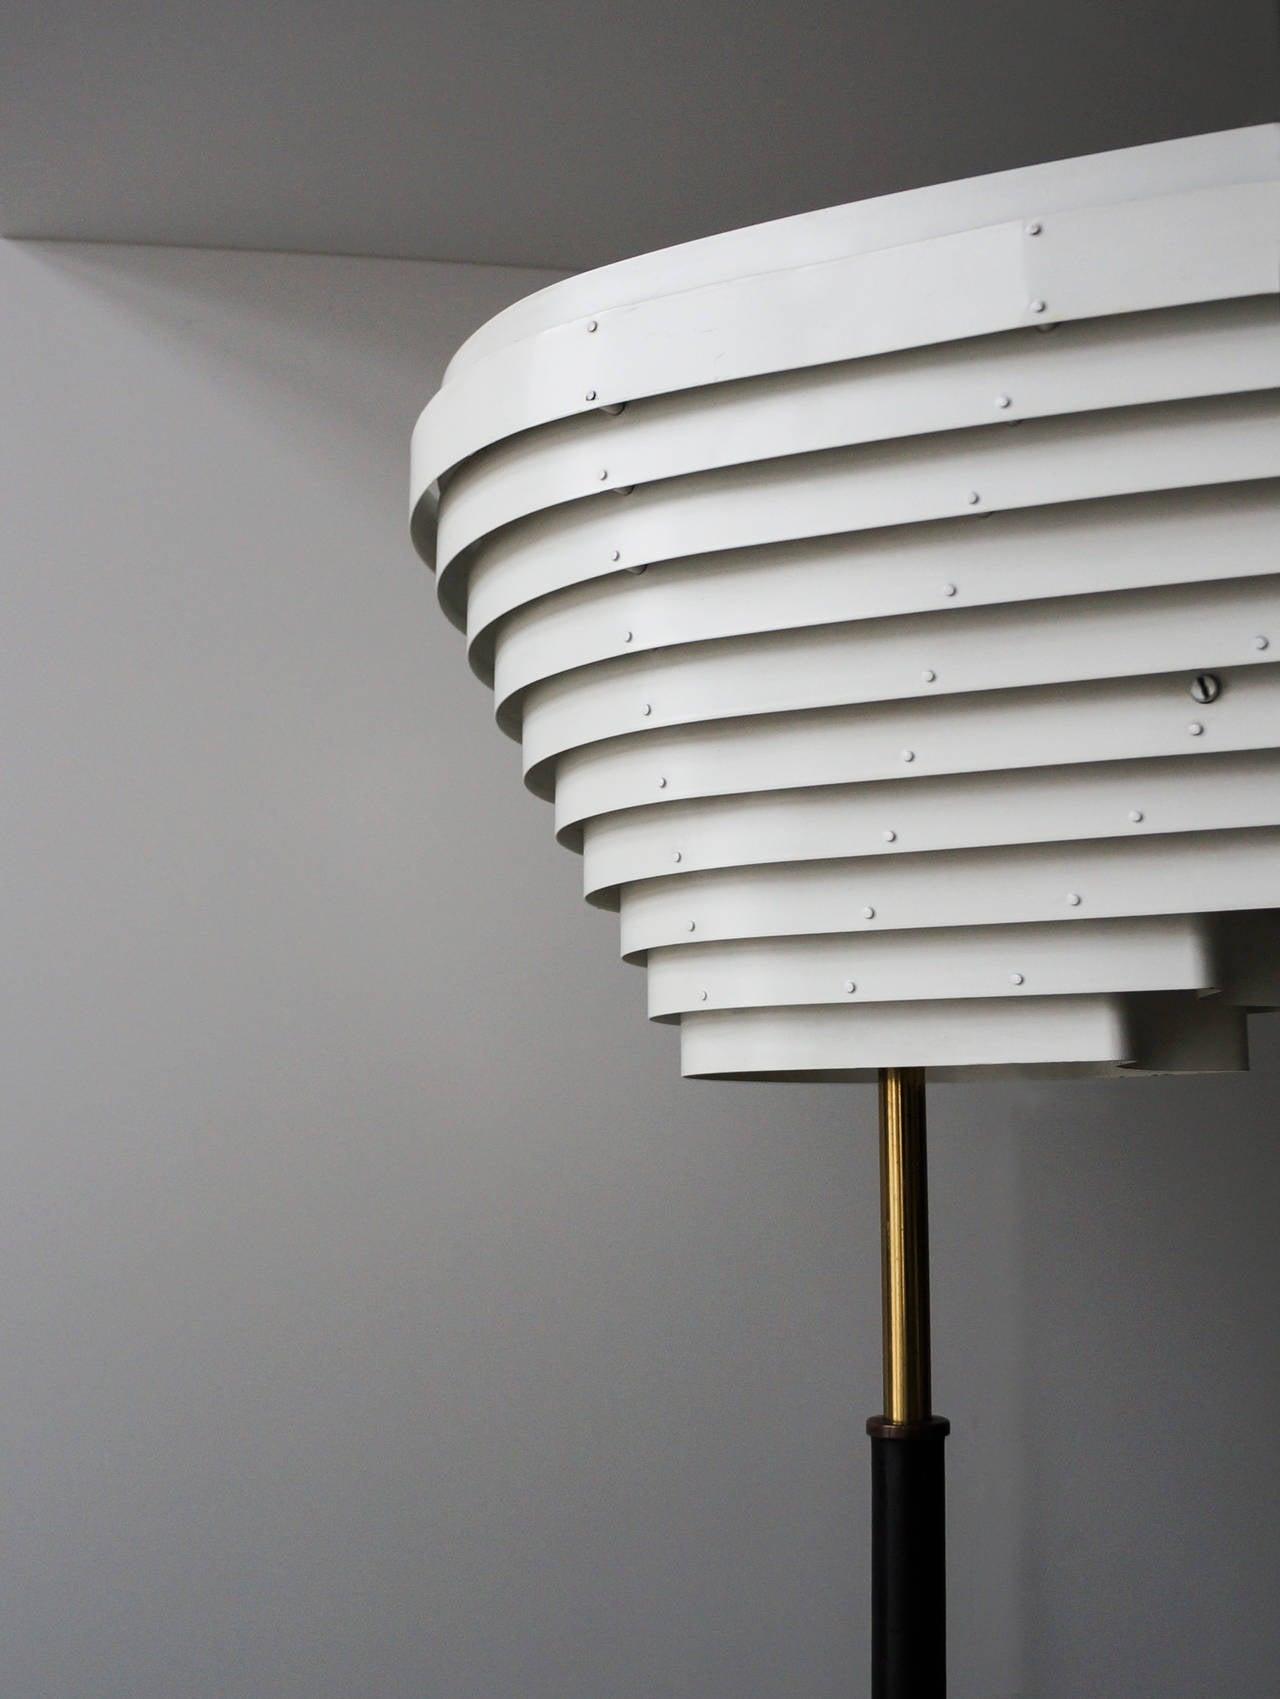 Mid-20th Century Early Alvar Aalto Floor Lamp, Model A805 for Valaistustyö Ky, 1954 For Sale